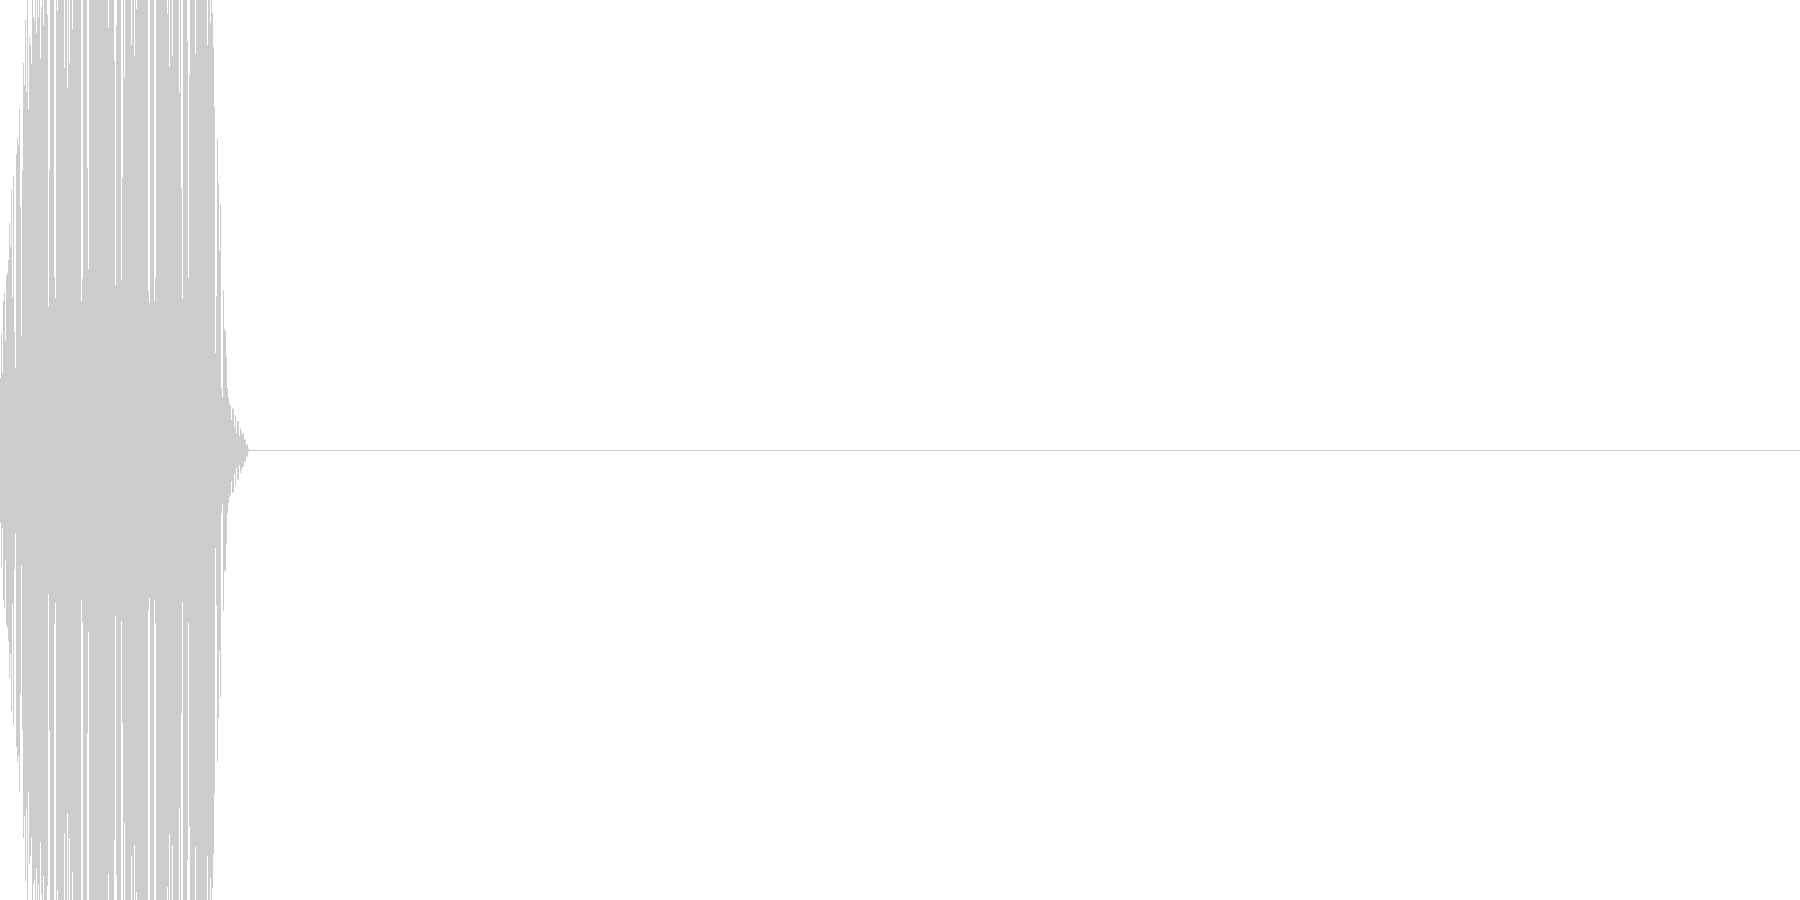 ボタン・カーソル・操作音 「ピッ」の未再生の波形